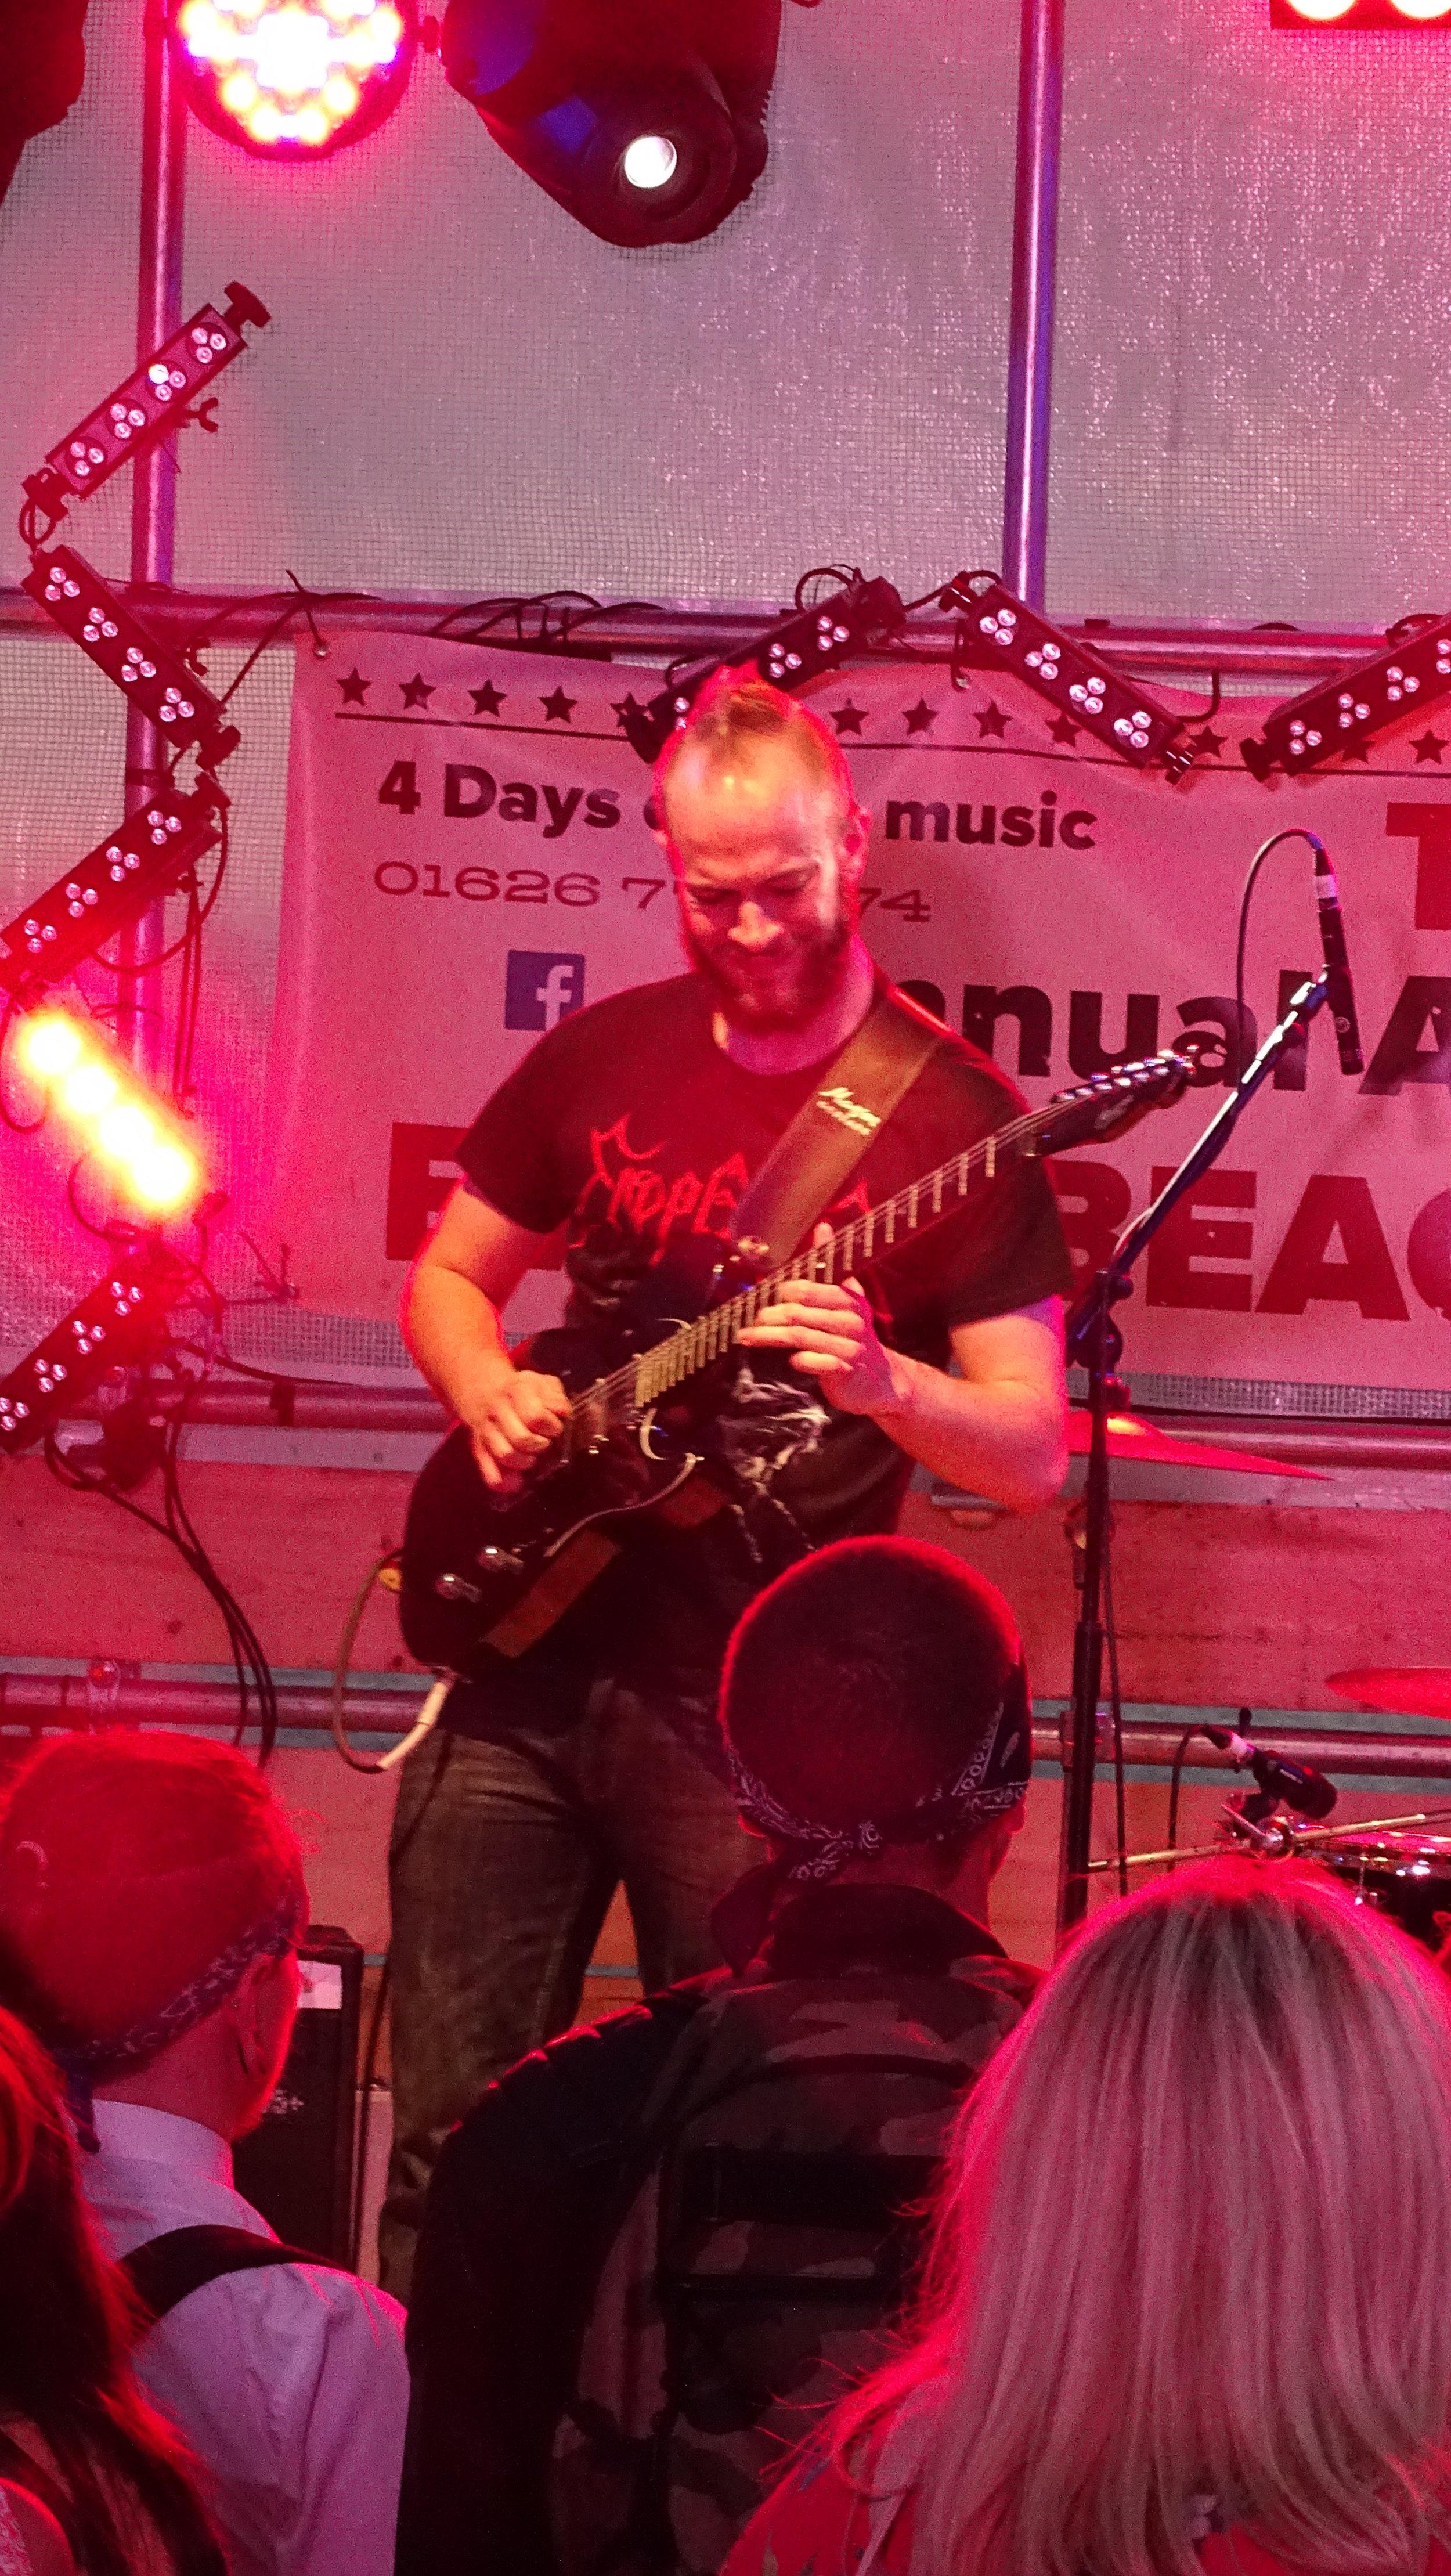 The ship inn music festival p2 027.JPG